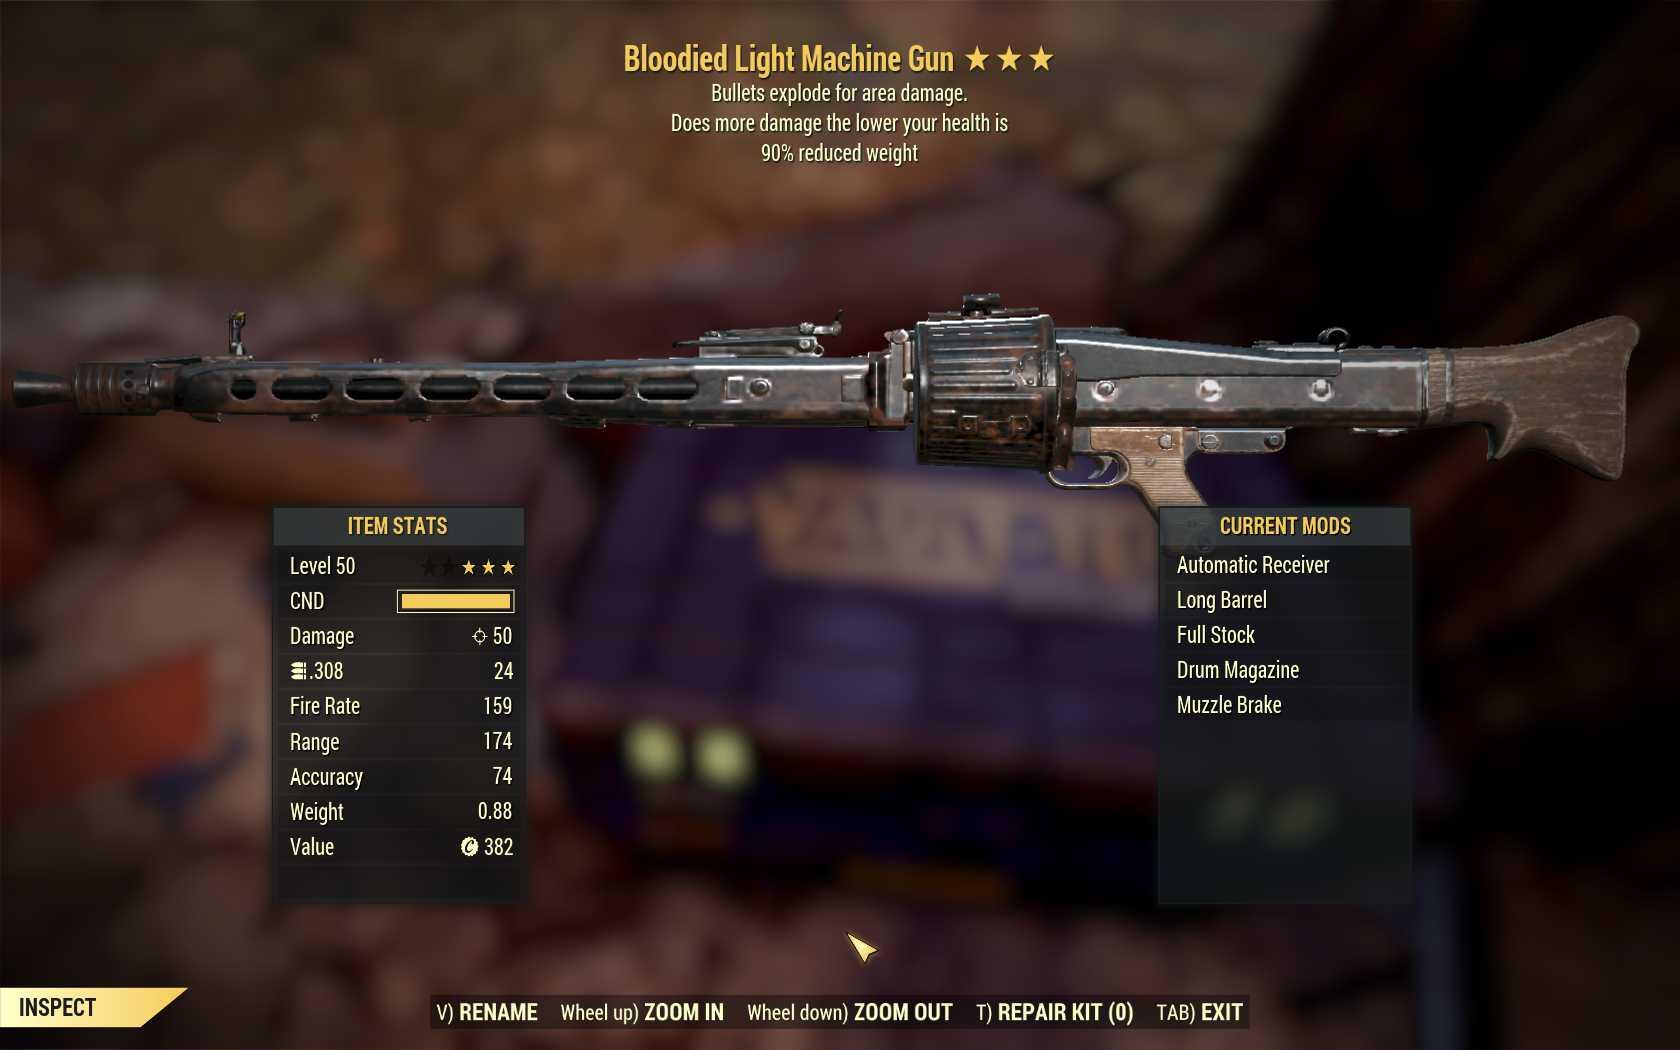 Bloodied Explosive Light Machine Gun (LMG) (90% reduced weight)